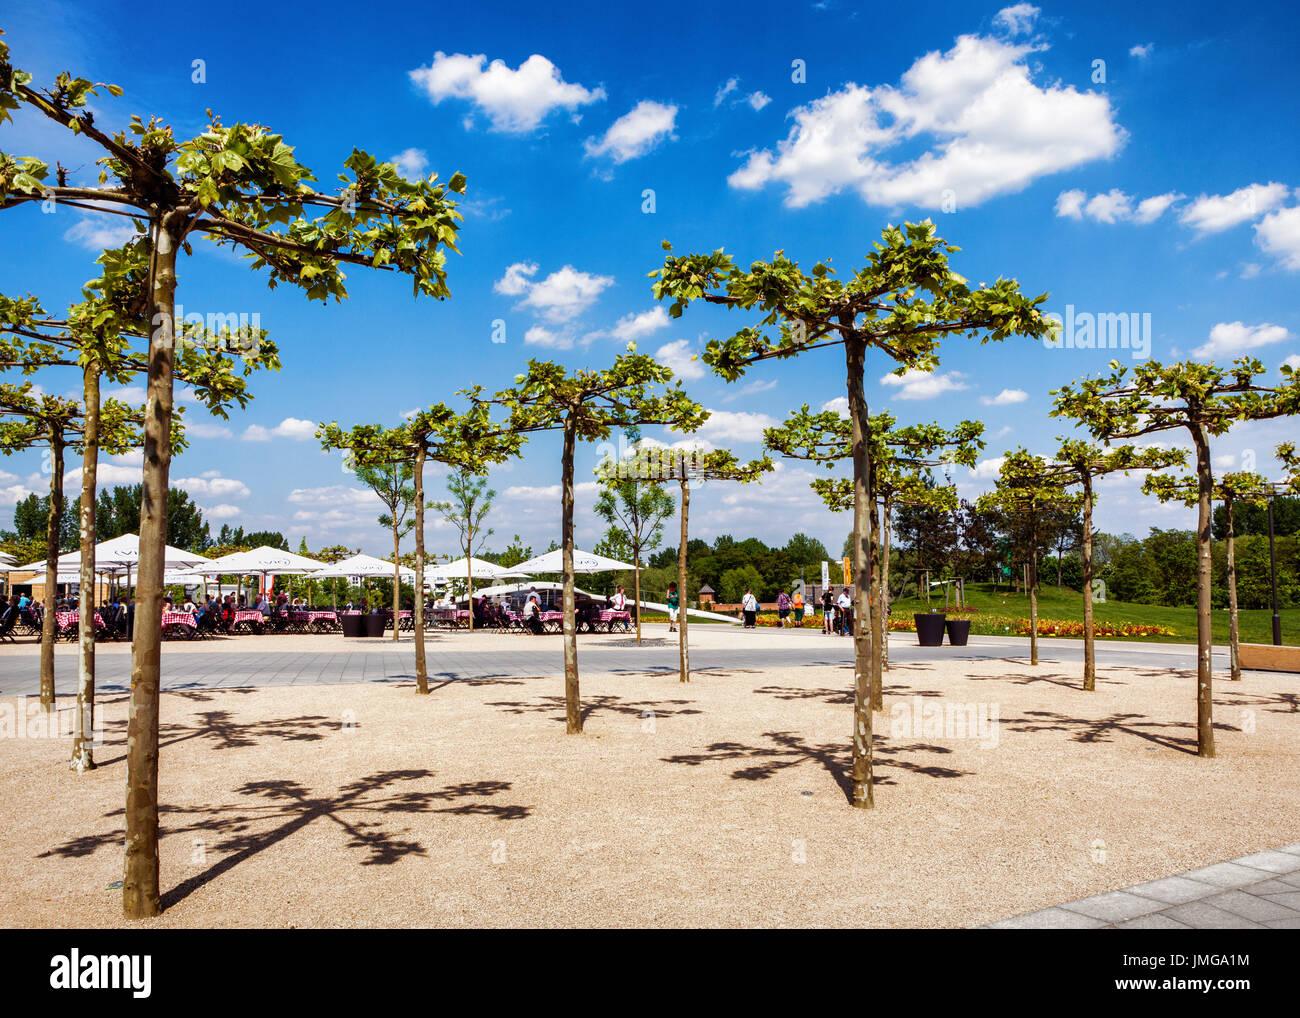 ,Berlin Marzahn. Jardins du Monde Botanic garden,Gärten der Welt 2017 IGA,outdoor cafe et arbres décoratifs Photo Stock